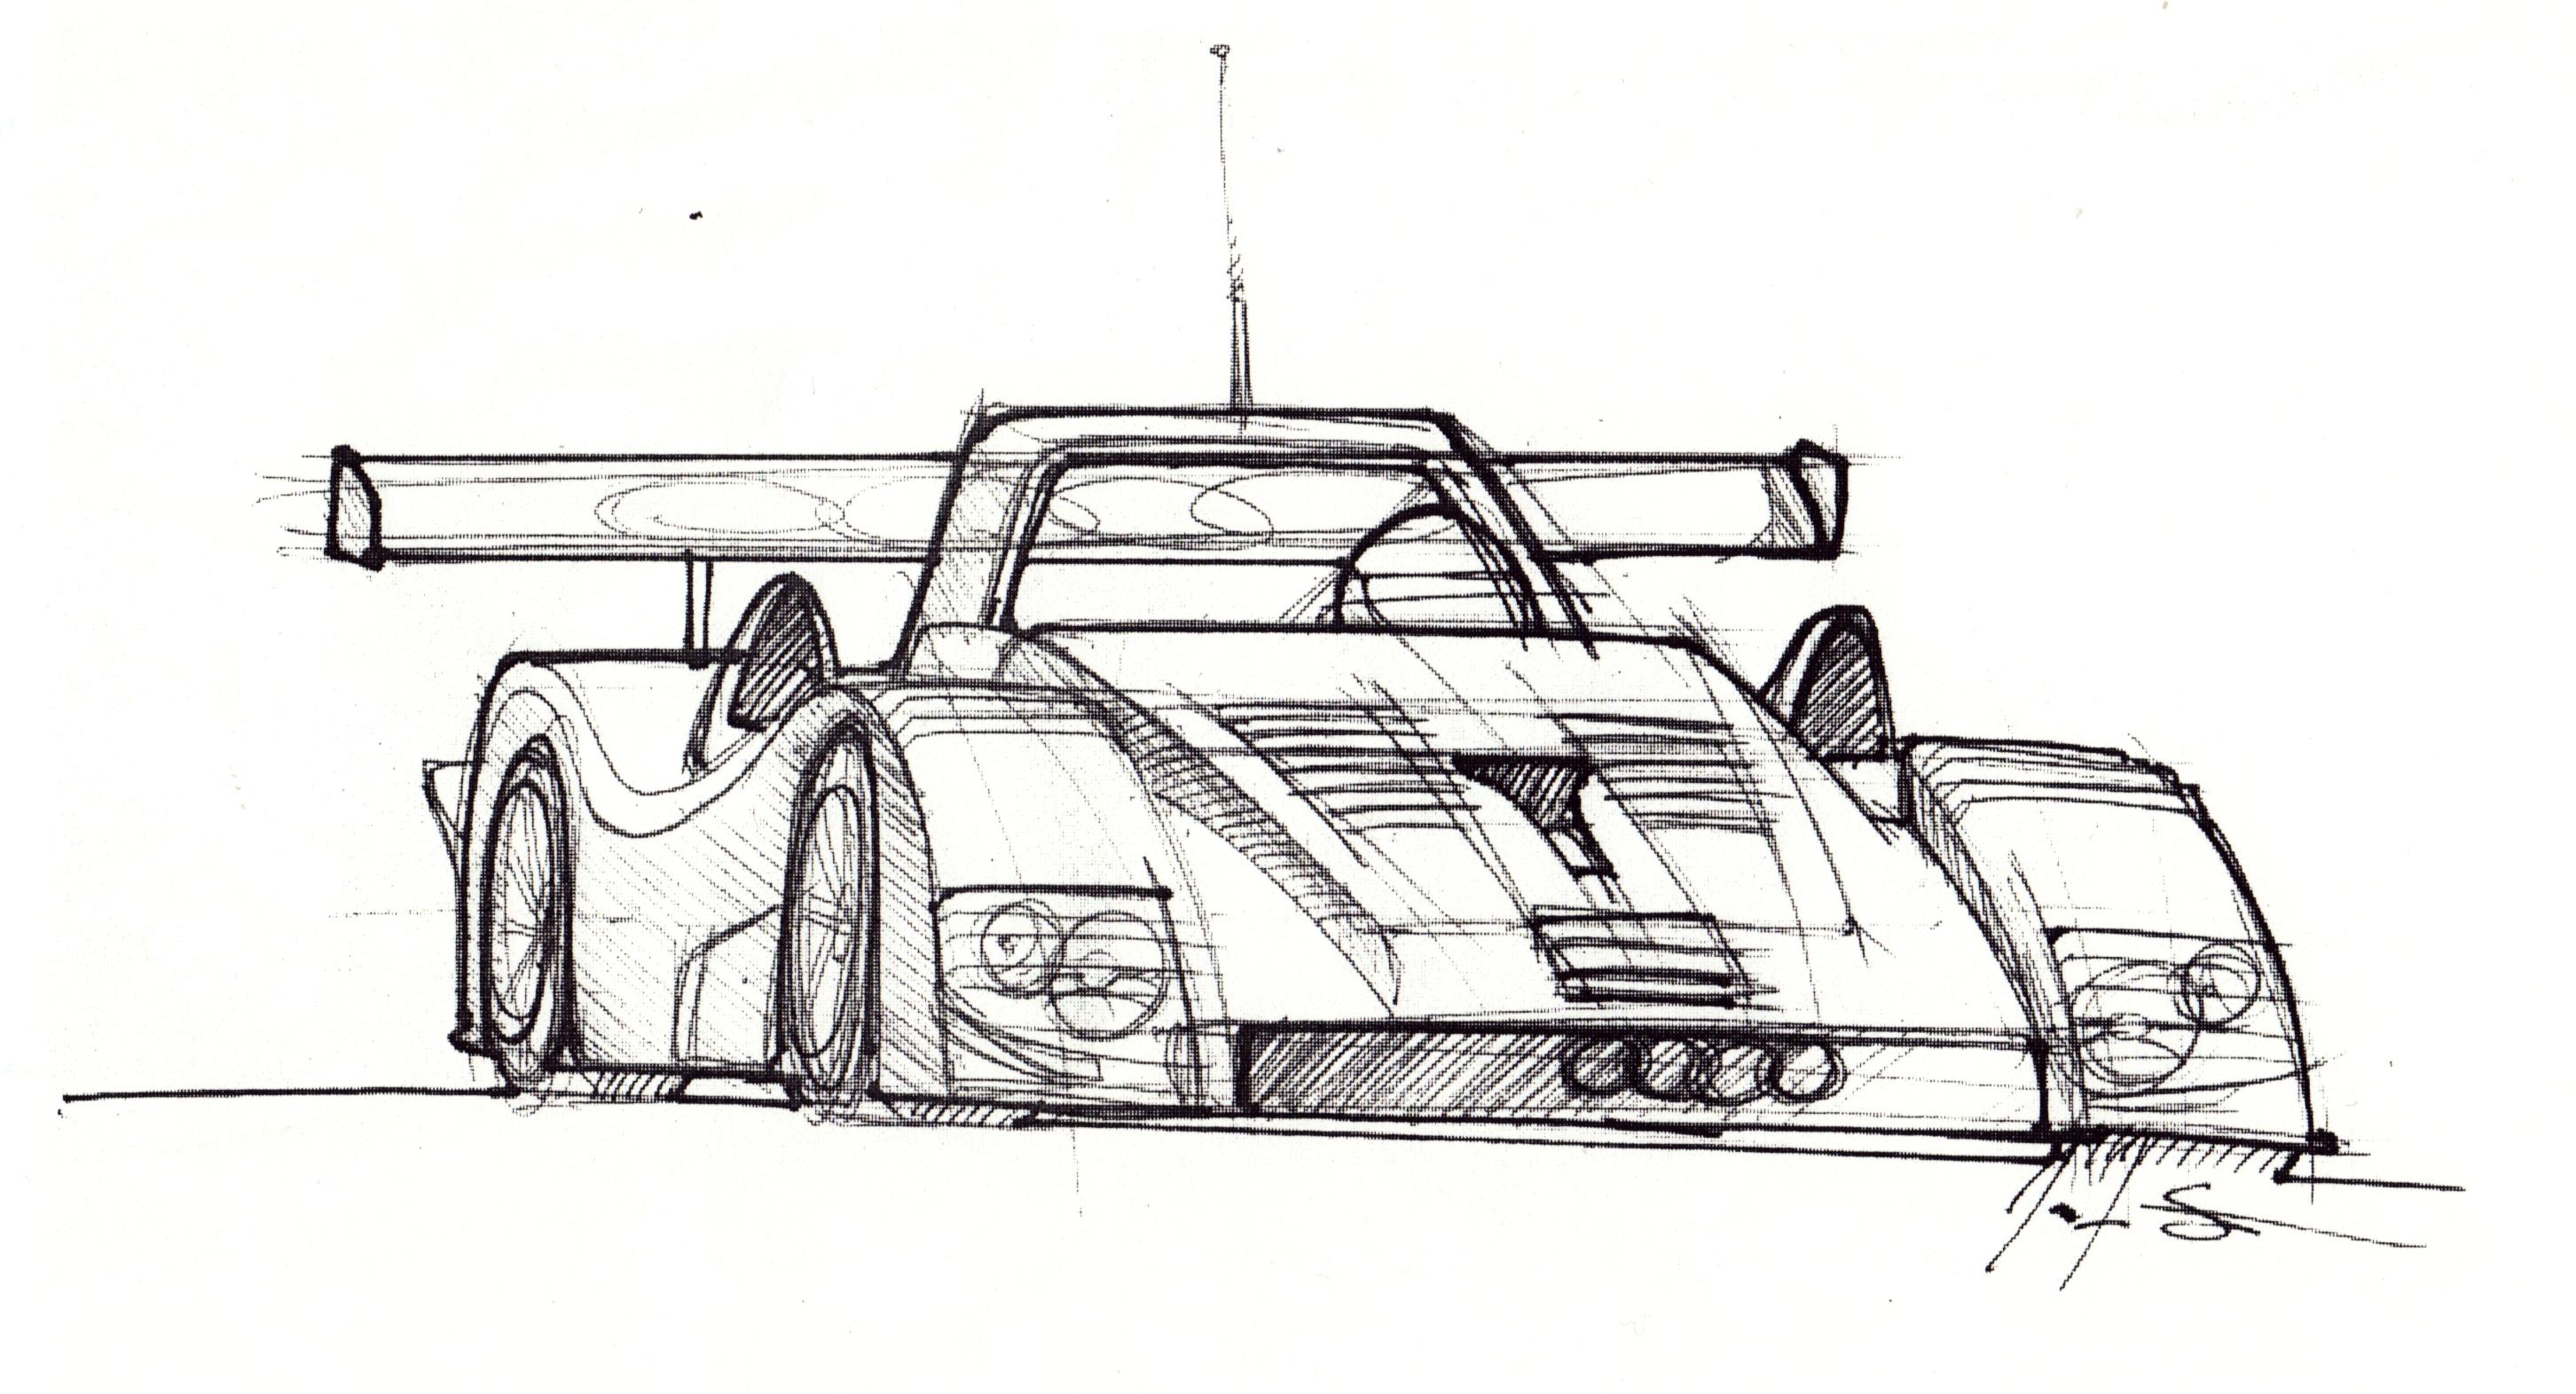 stone_car-sketch